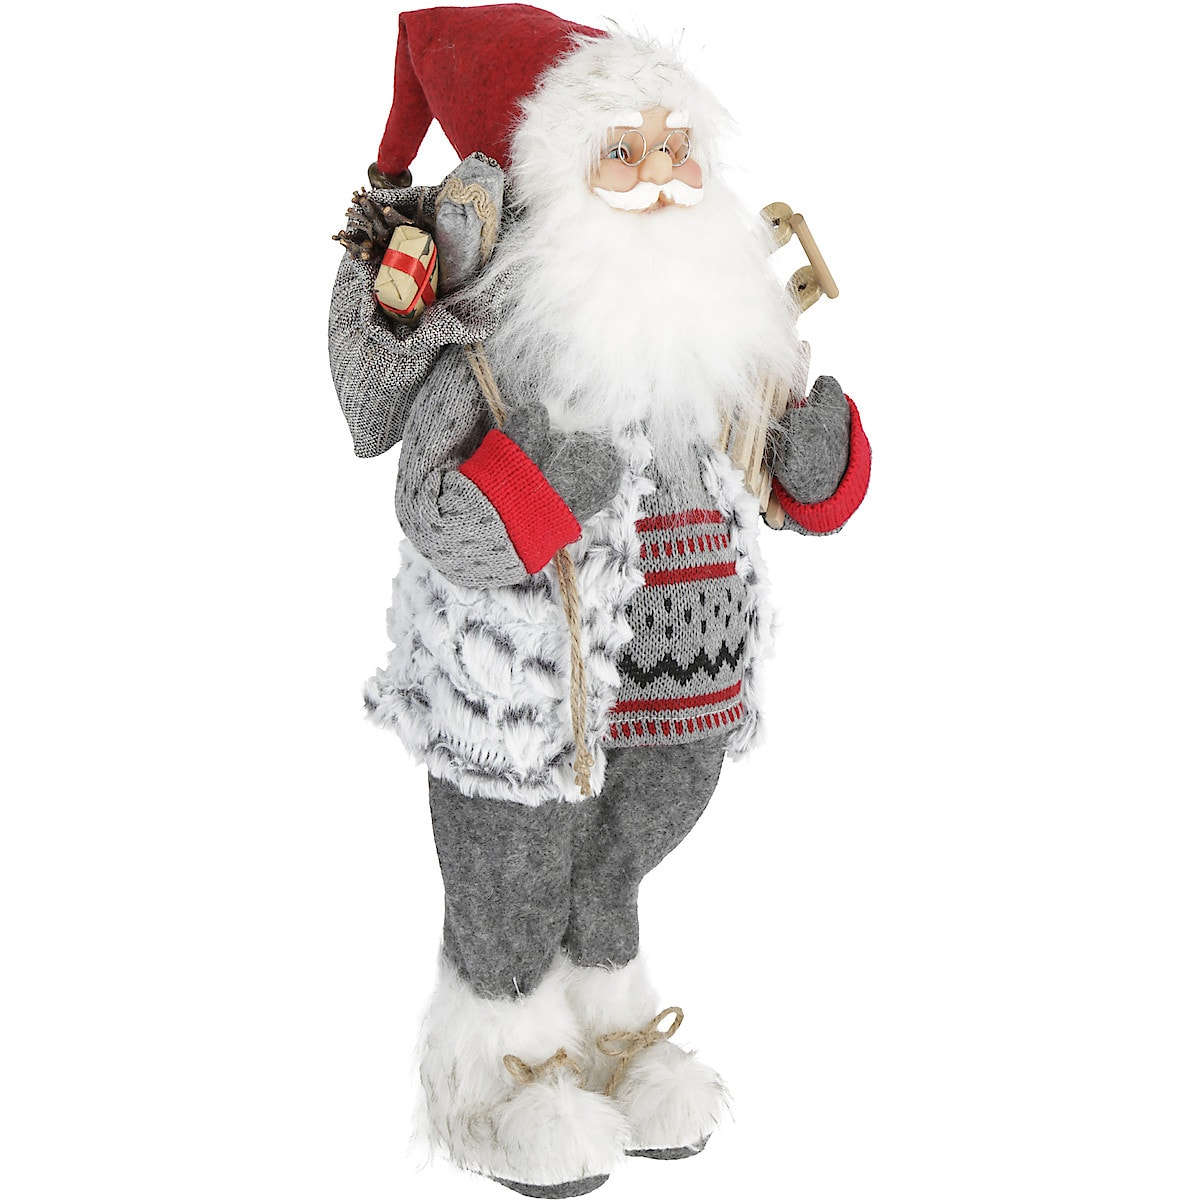 Weihnachtsmann mit Geschenksack, 46 cm